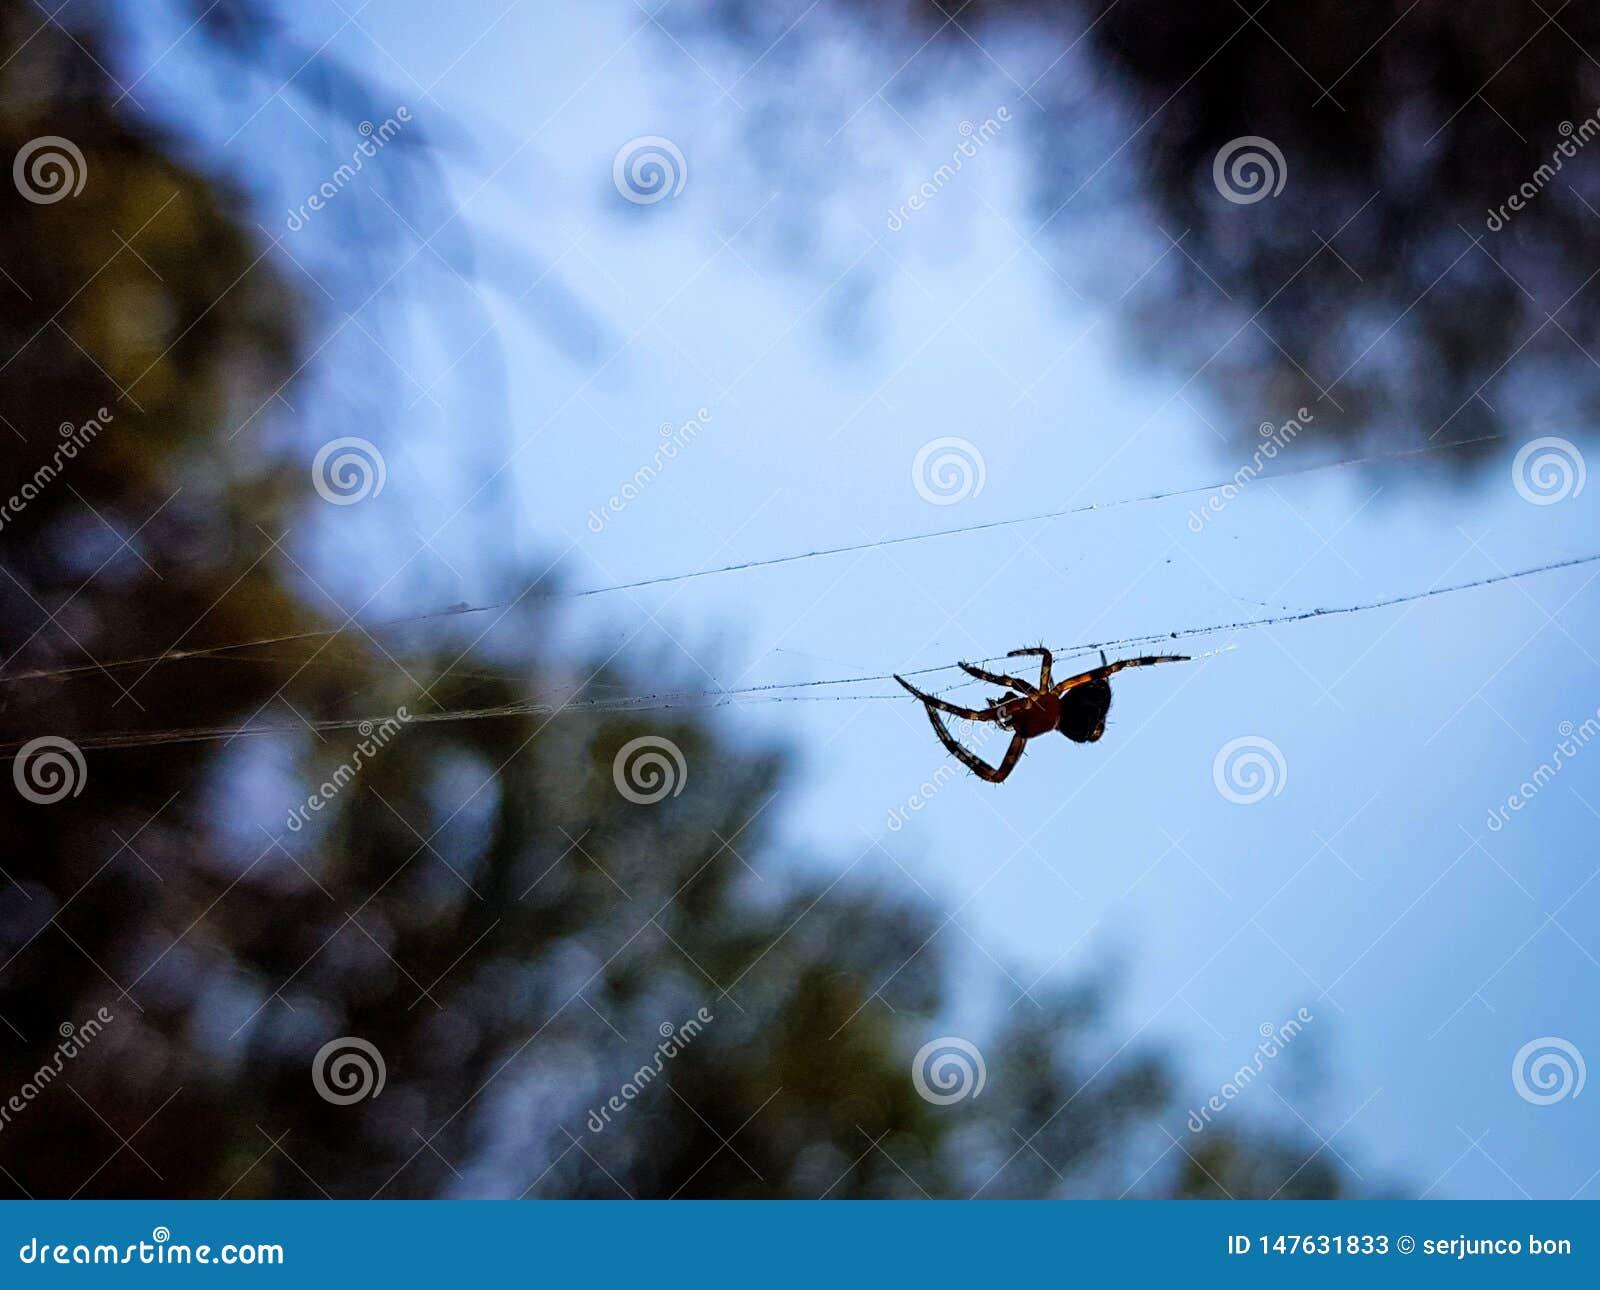 Sch?nes Bild, in dem Sie eine Spinne sehen k?nnen, durch die Mitte des Bildes in einem horizontalen Faden zu gehen, der es h?lt